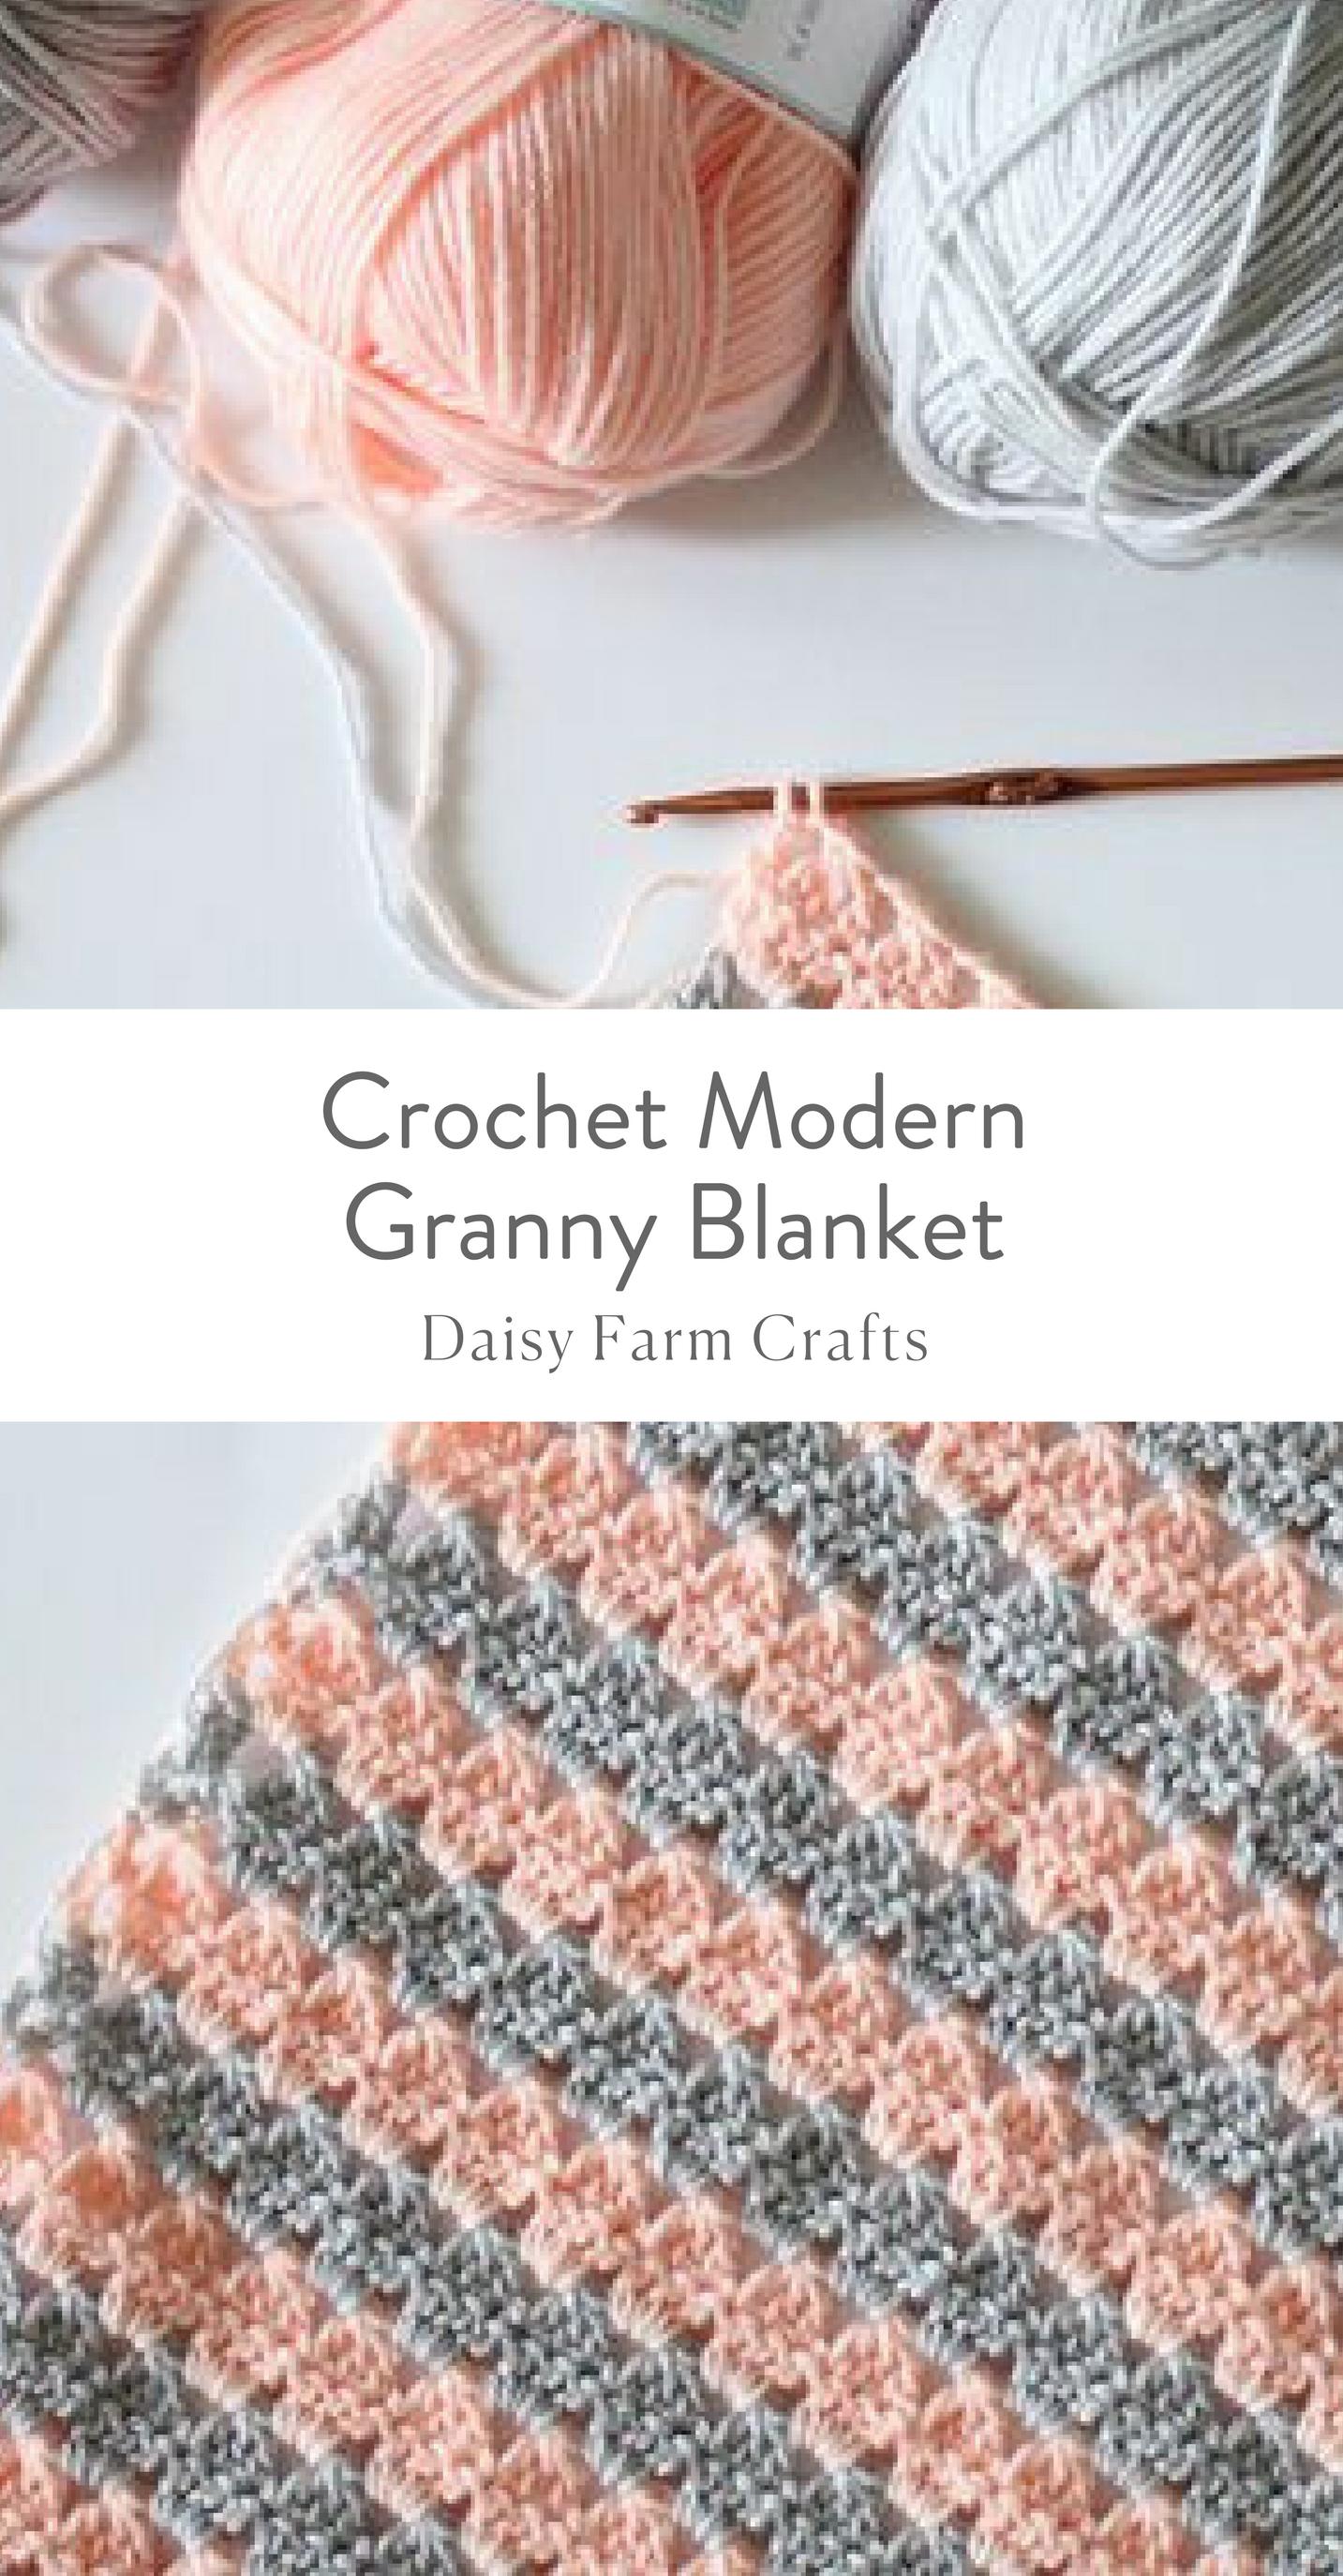 Free Pattern - Crochet Modern Granny Blanket | Crochet | Pinterest ...